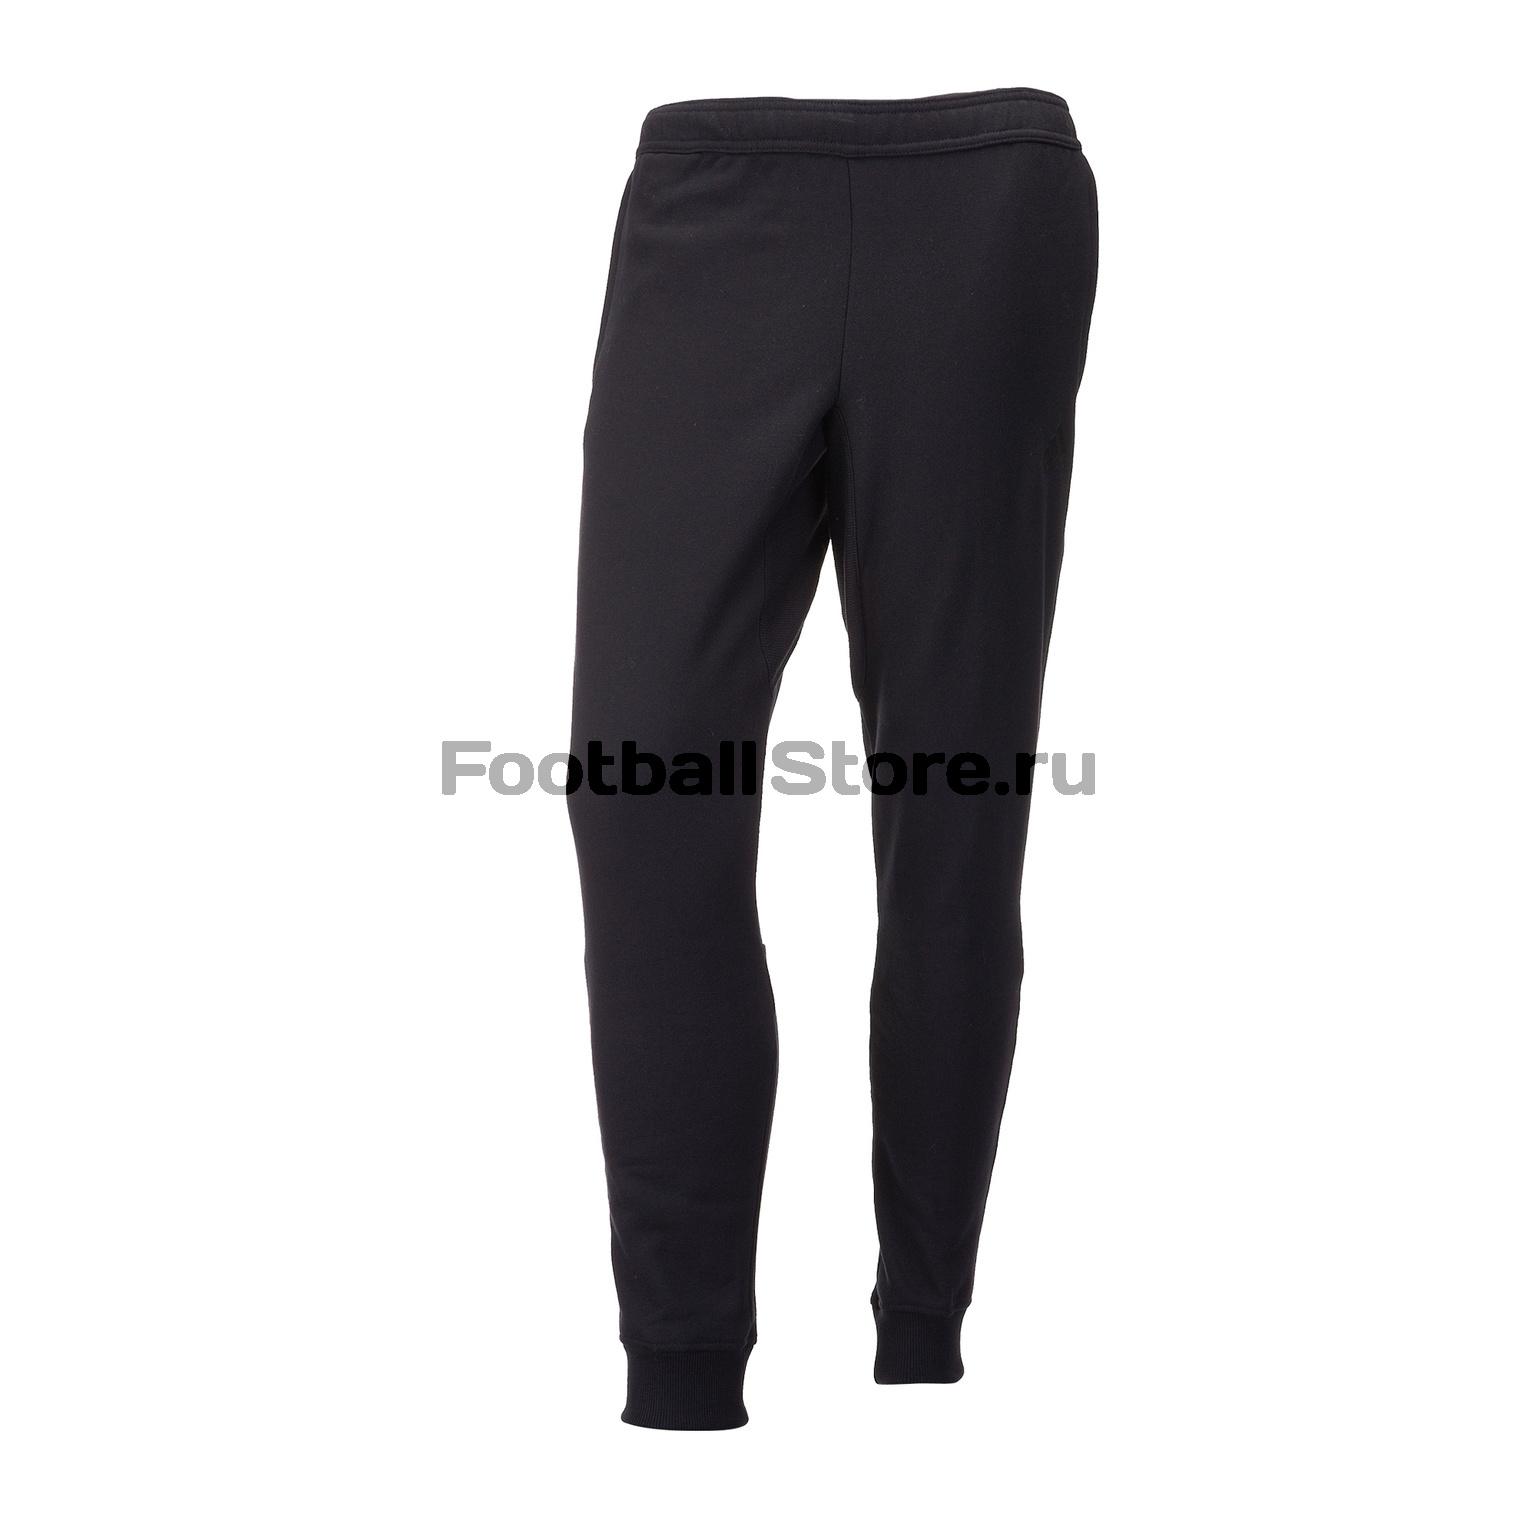 Брюки тренировочные TAN SWT PNT CW7430 брюки adidas брюки тренировочные adidas tiro17 swt pnt ay2960